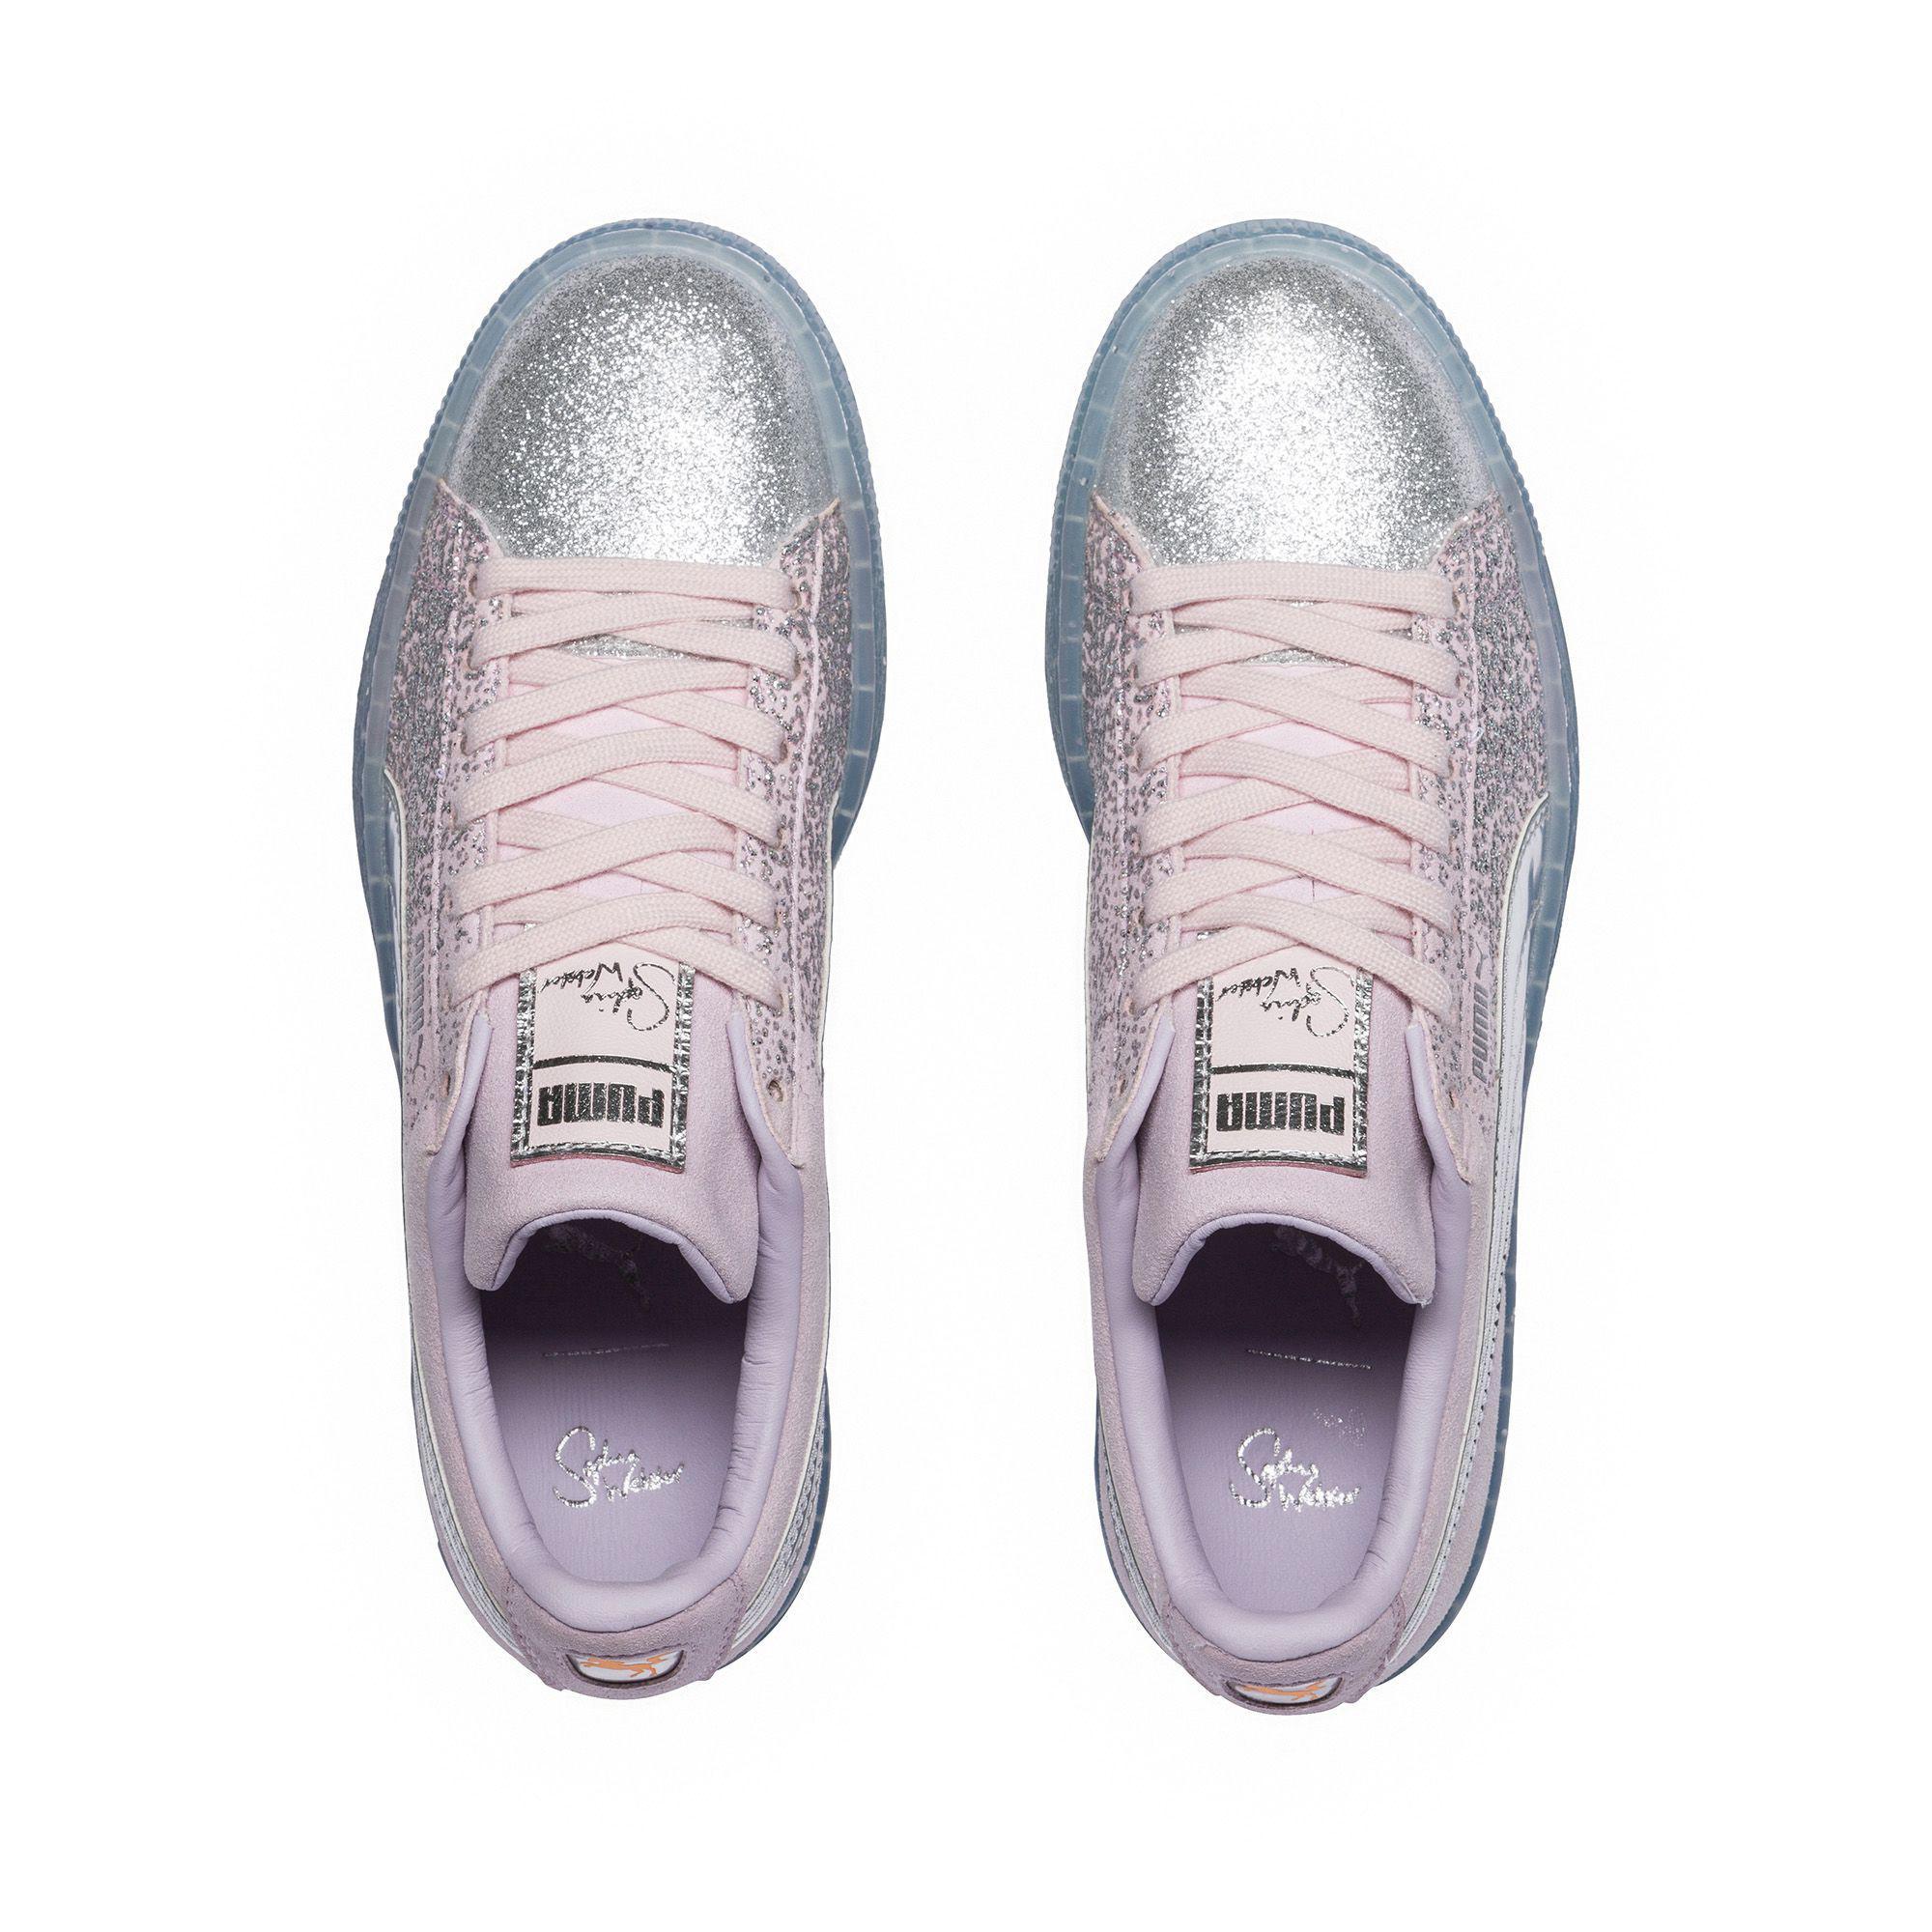 a7833da81e7 PUMA Multicolor X Sophia Webster Candy Princess Women's Sneakers